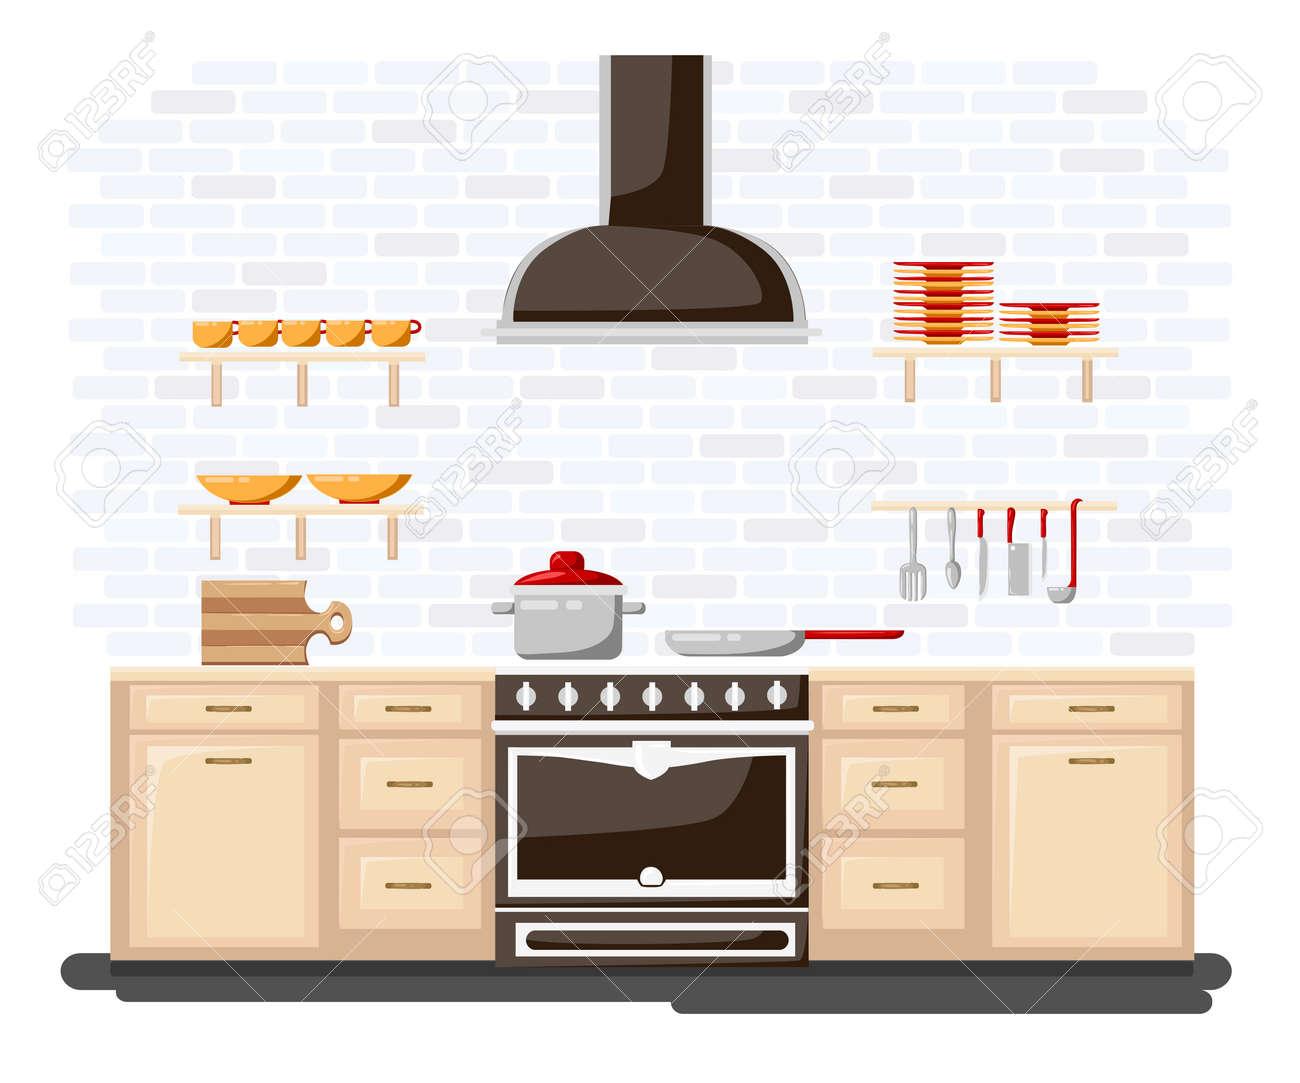 Cocina con muebles de estilo ilustración vectorial plana. estilo de dibujos  animados para la web, analítica, cocina de diseño gráfico interior en ...